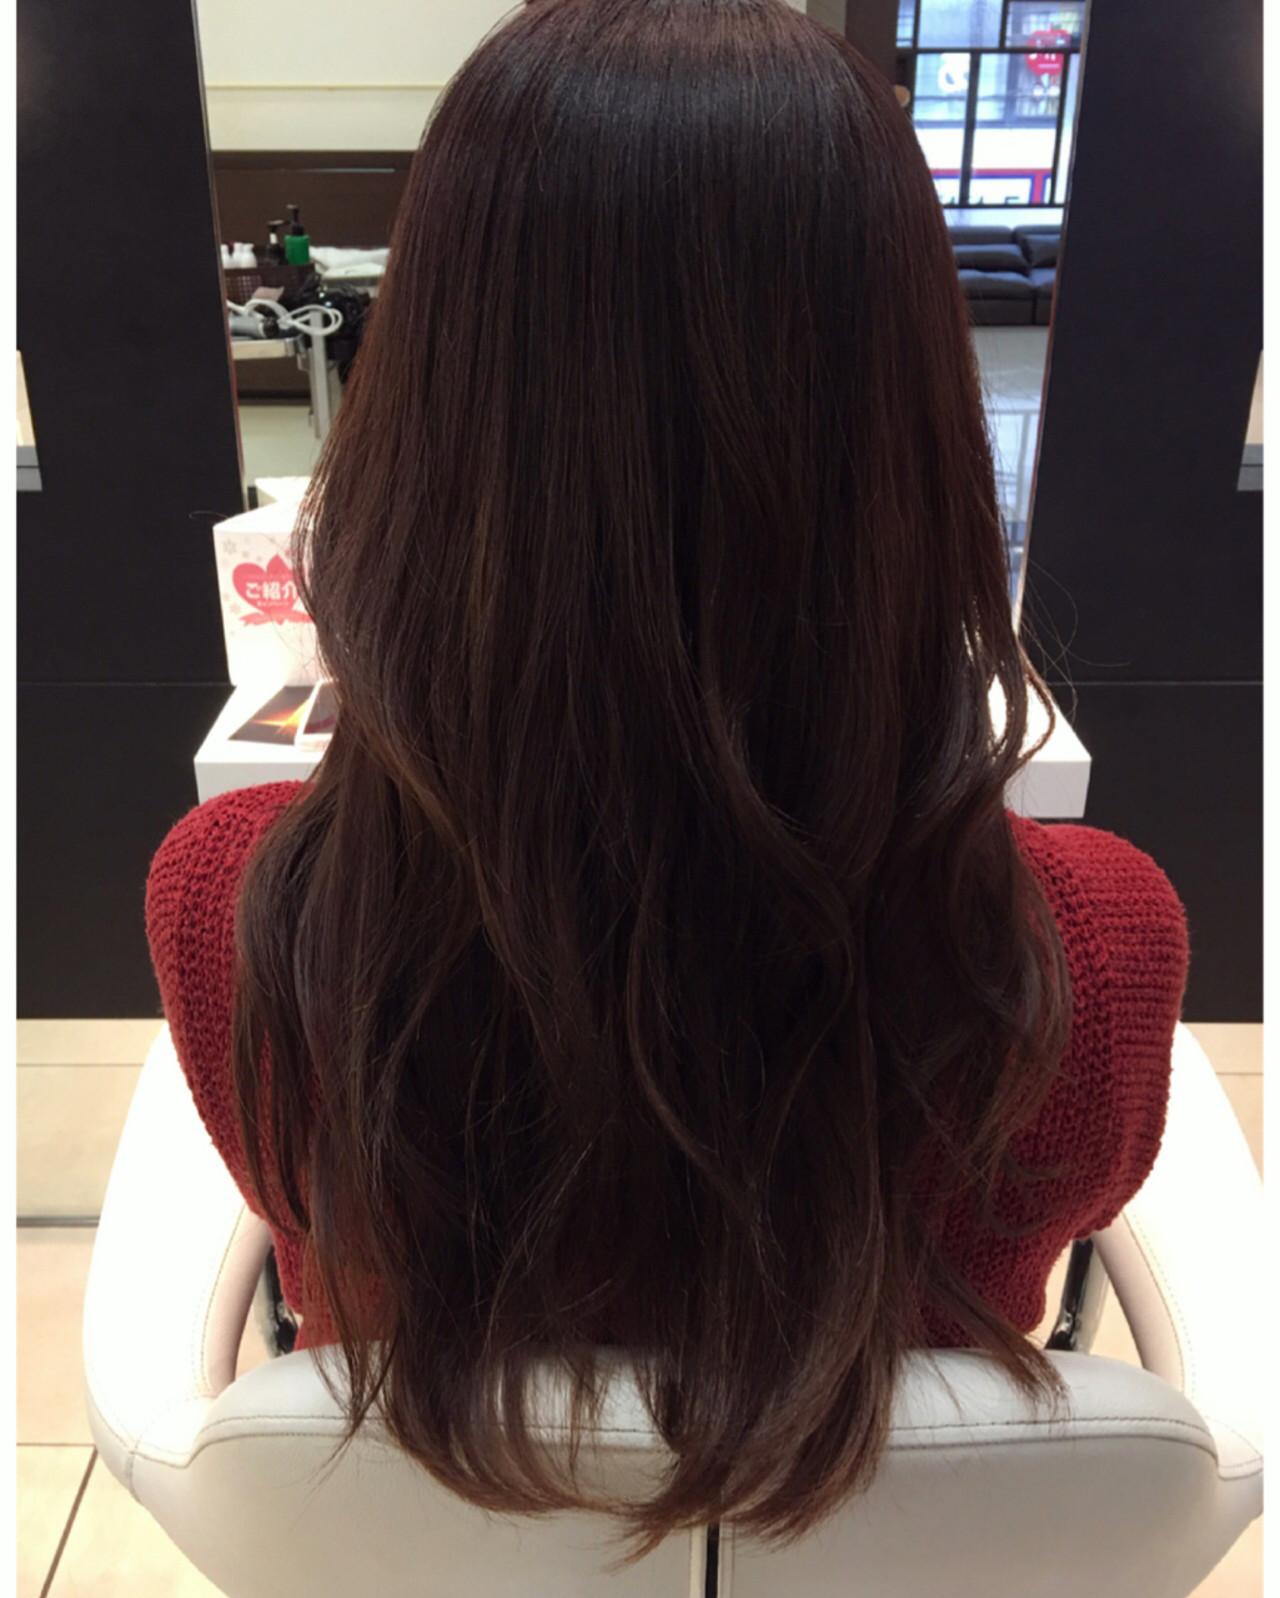 グラデーションカラー ロング ガーリー カールヘアスタイルや髪型の写真・画像